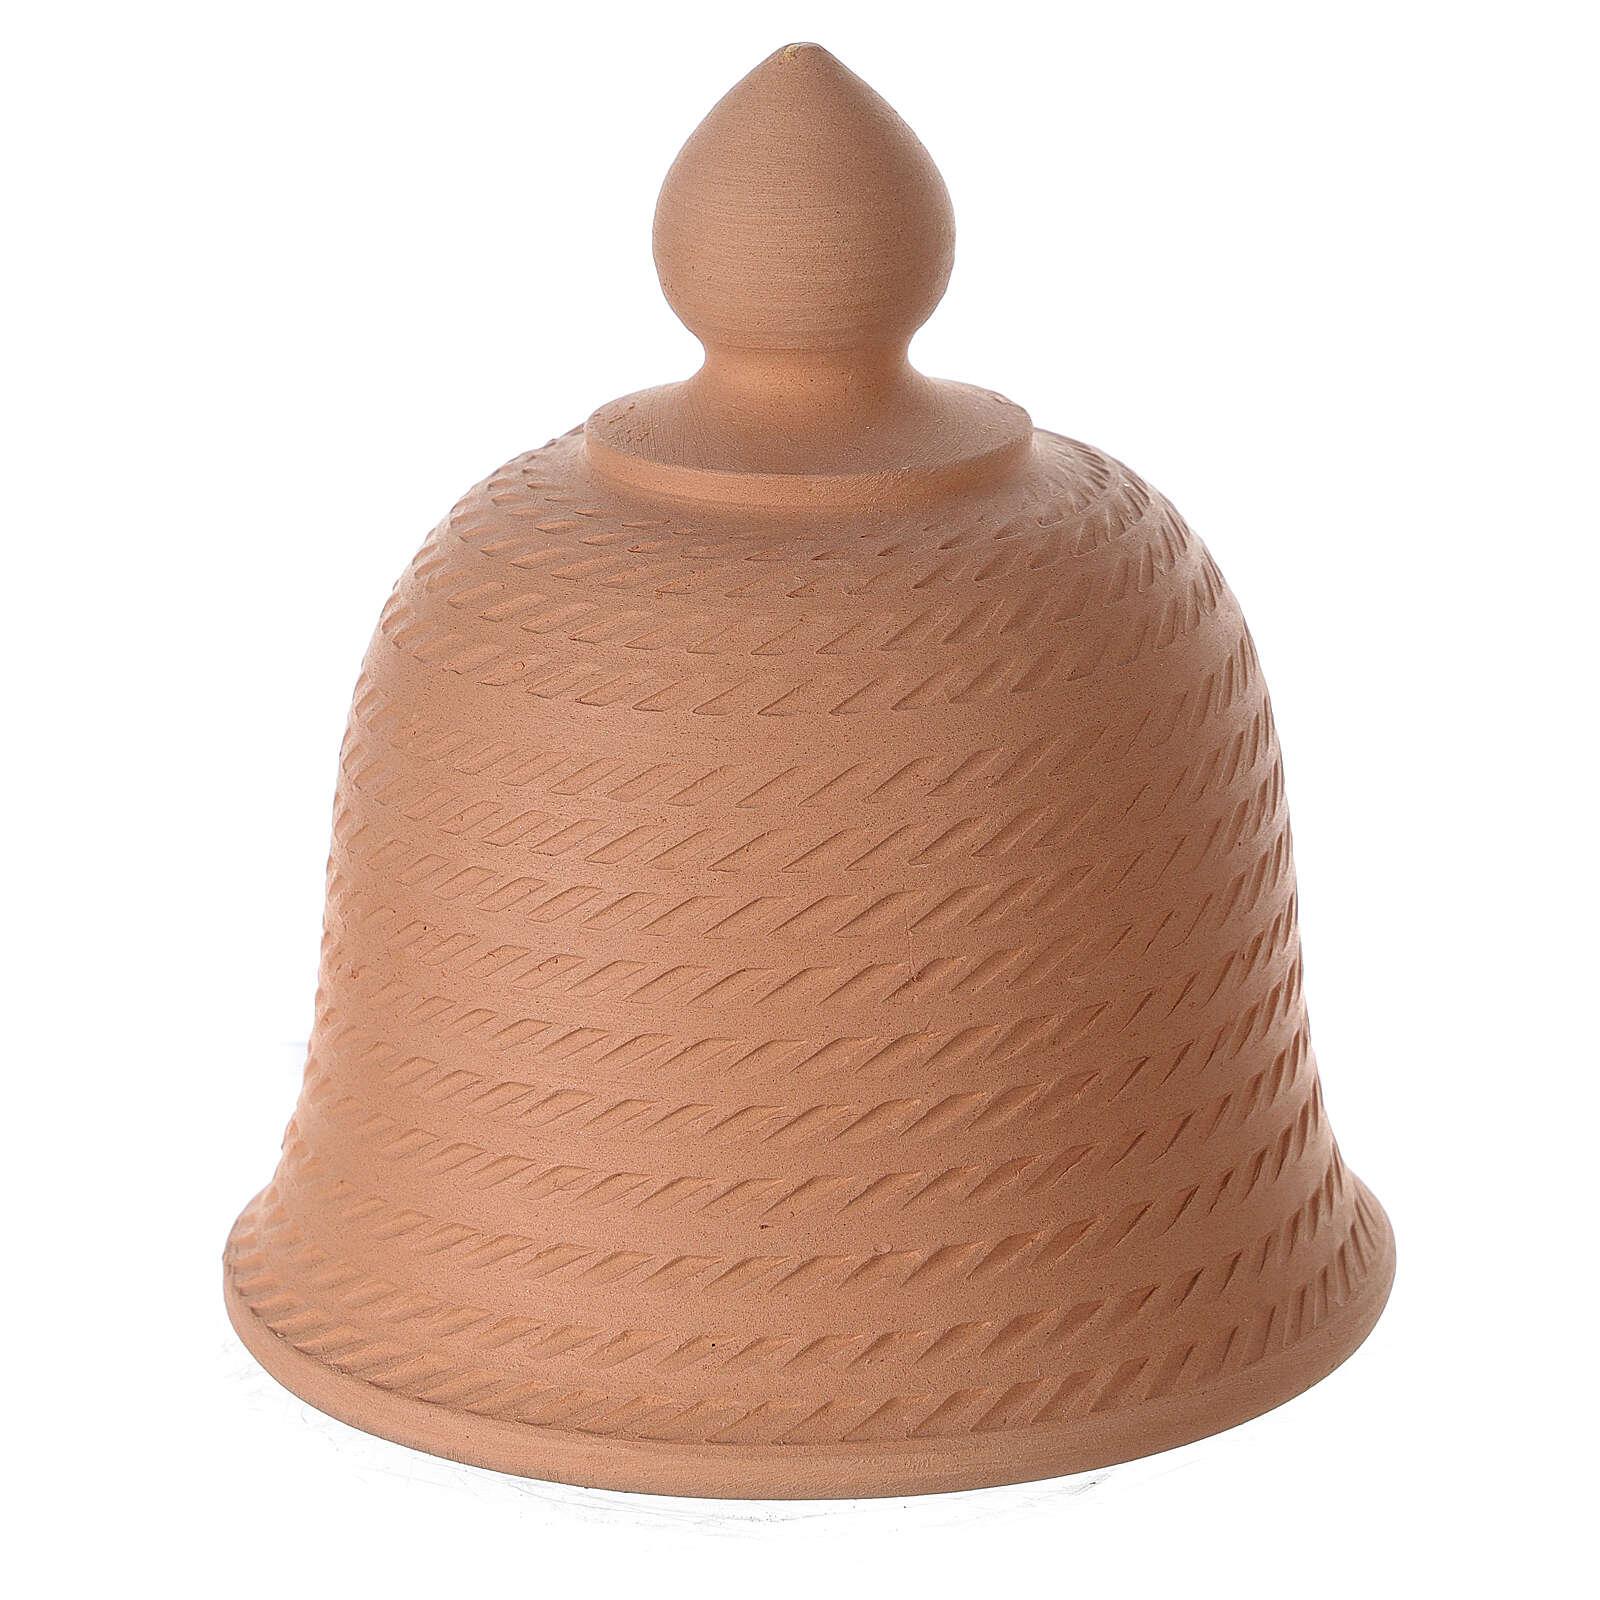 Presepe campana terracotta naturale Natività bianca Deruta 12 cm 4